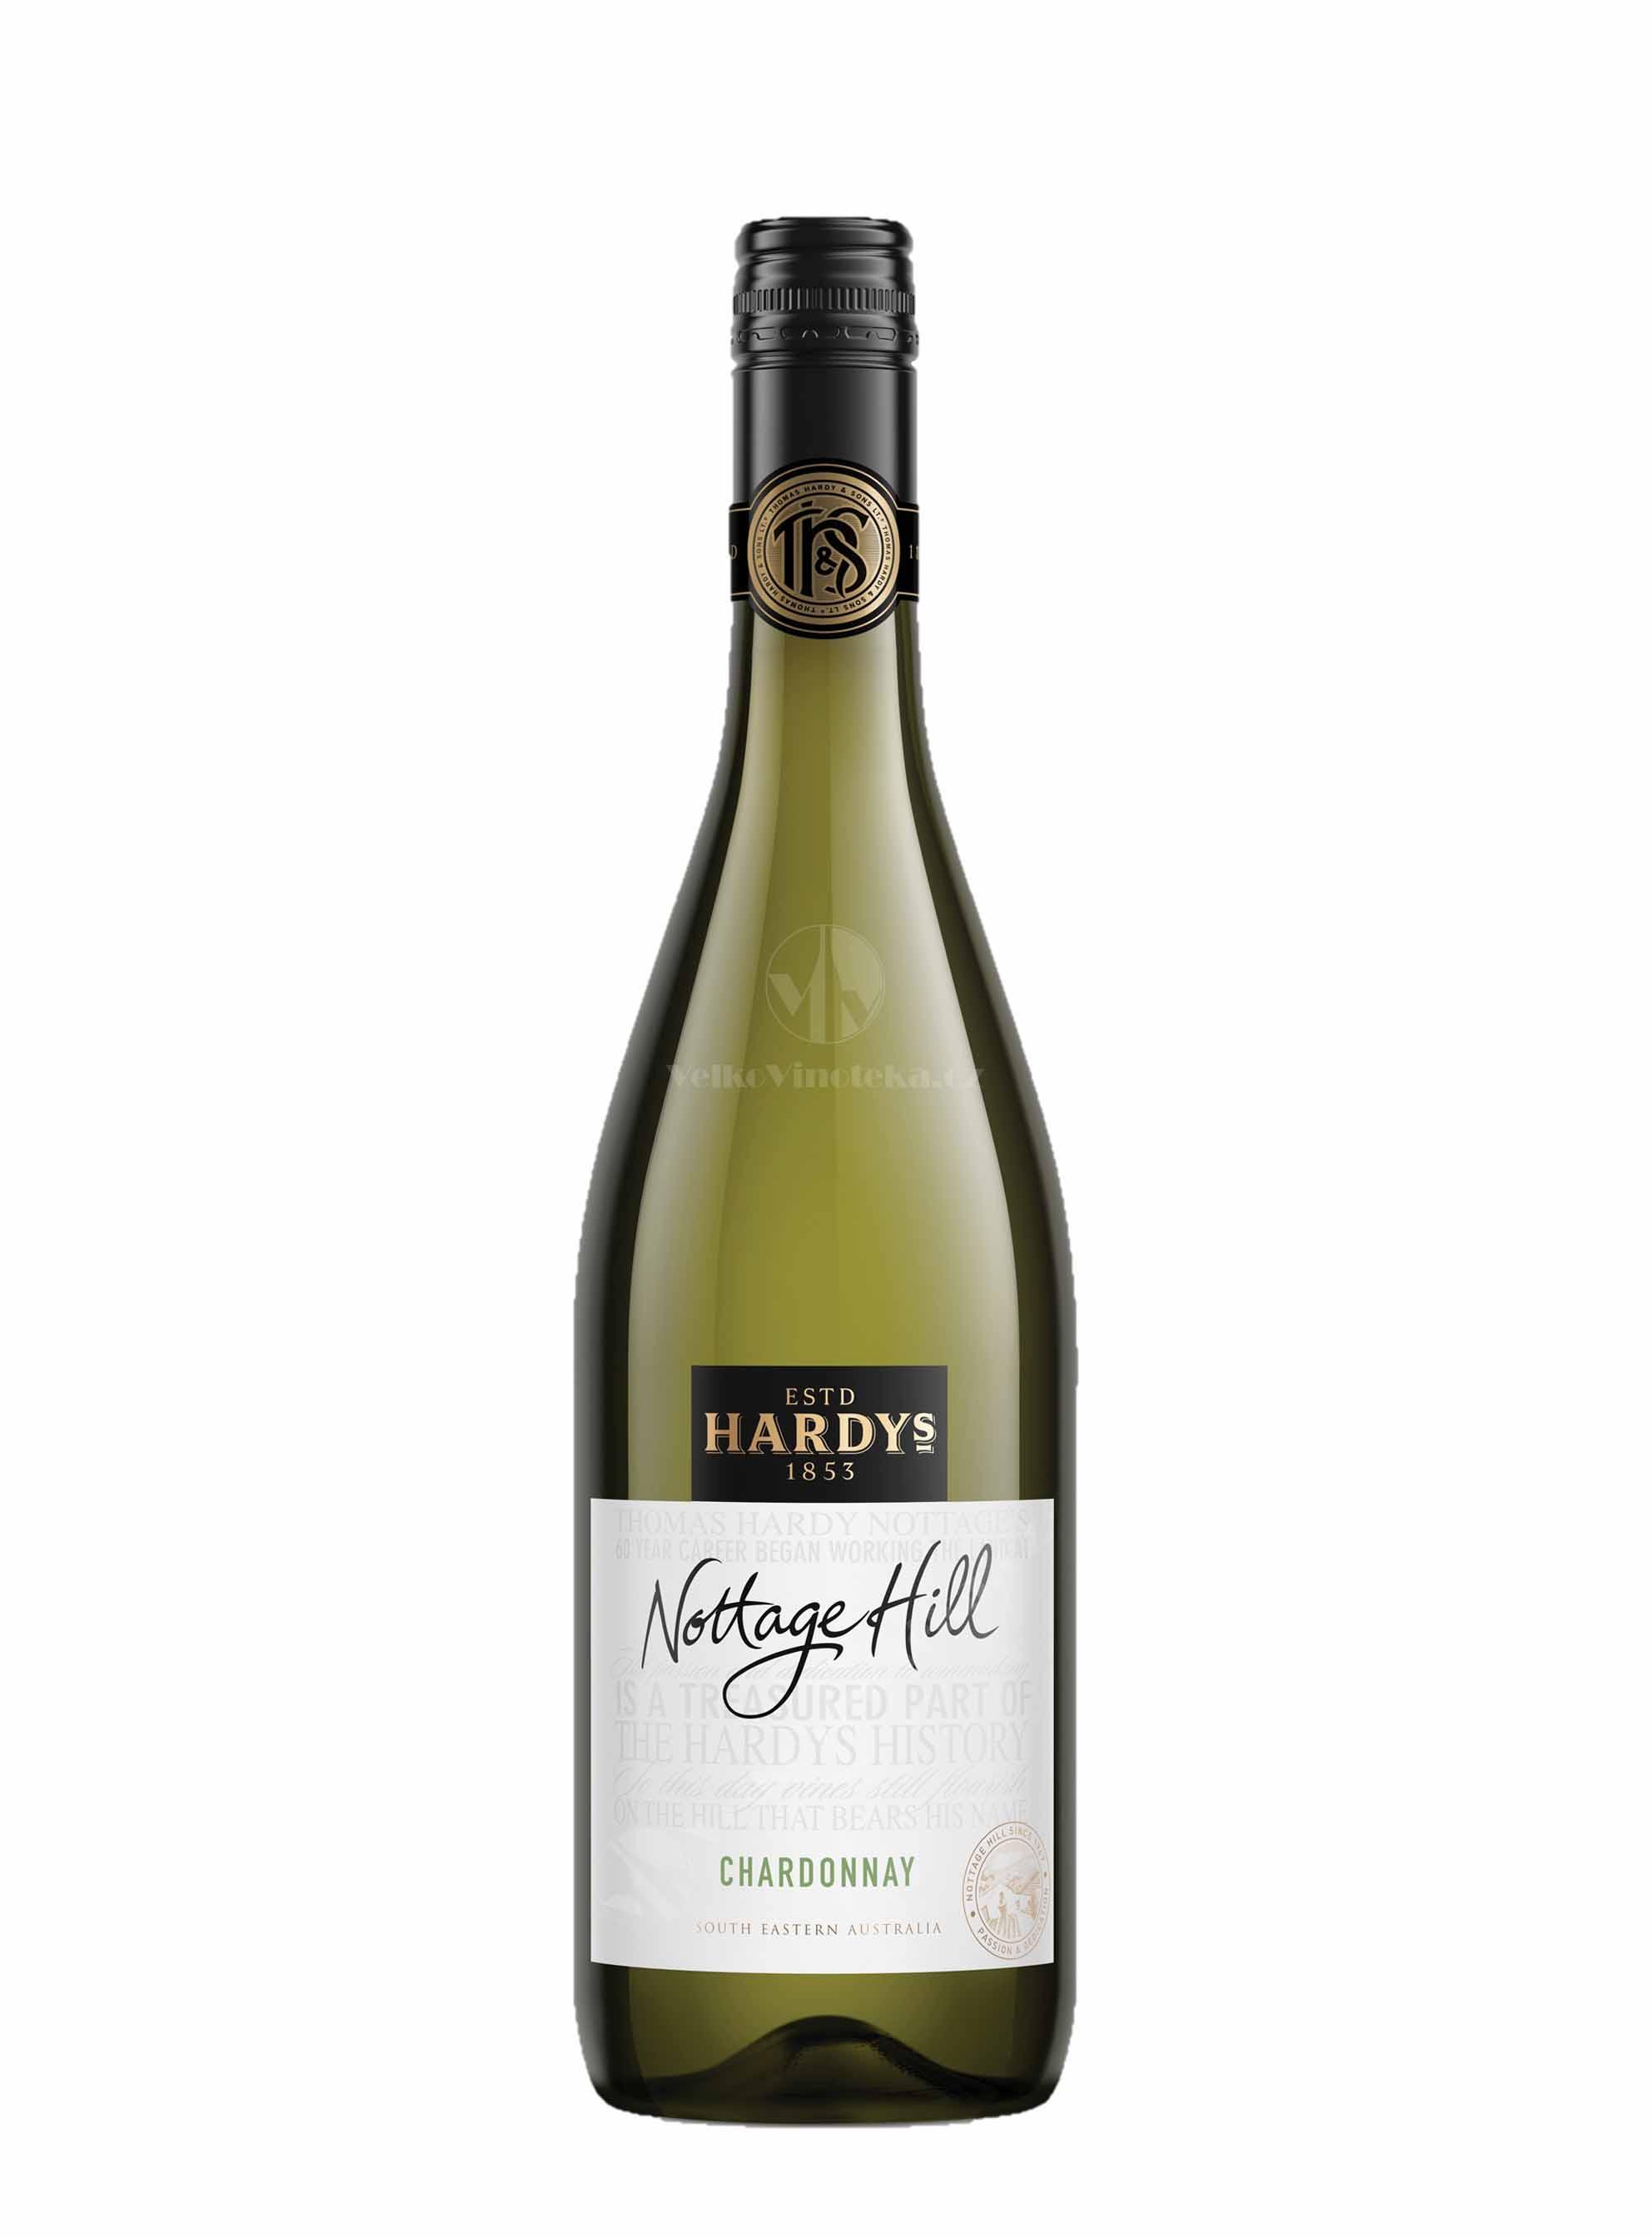 Chardonnay, Nottage Hill, 2014, Hardys, 0.75 l